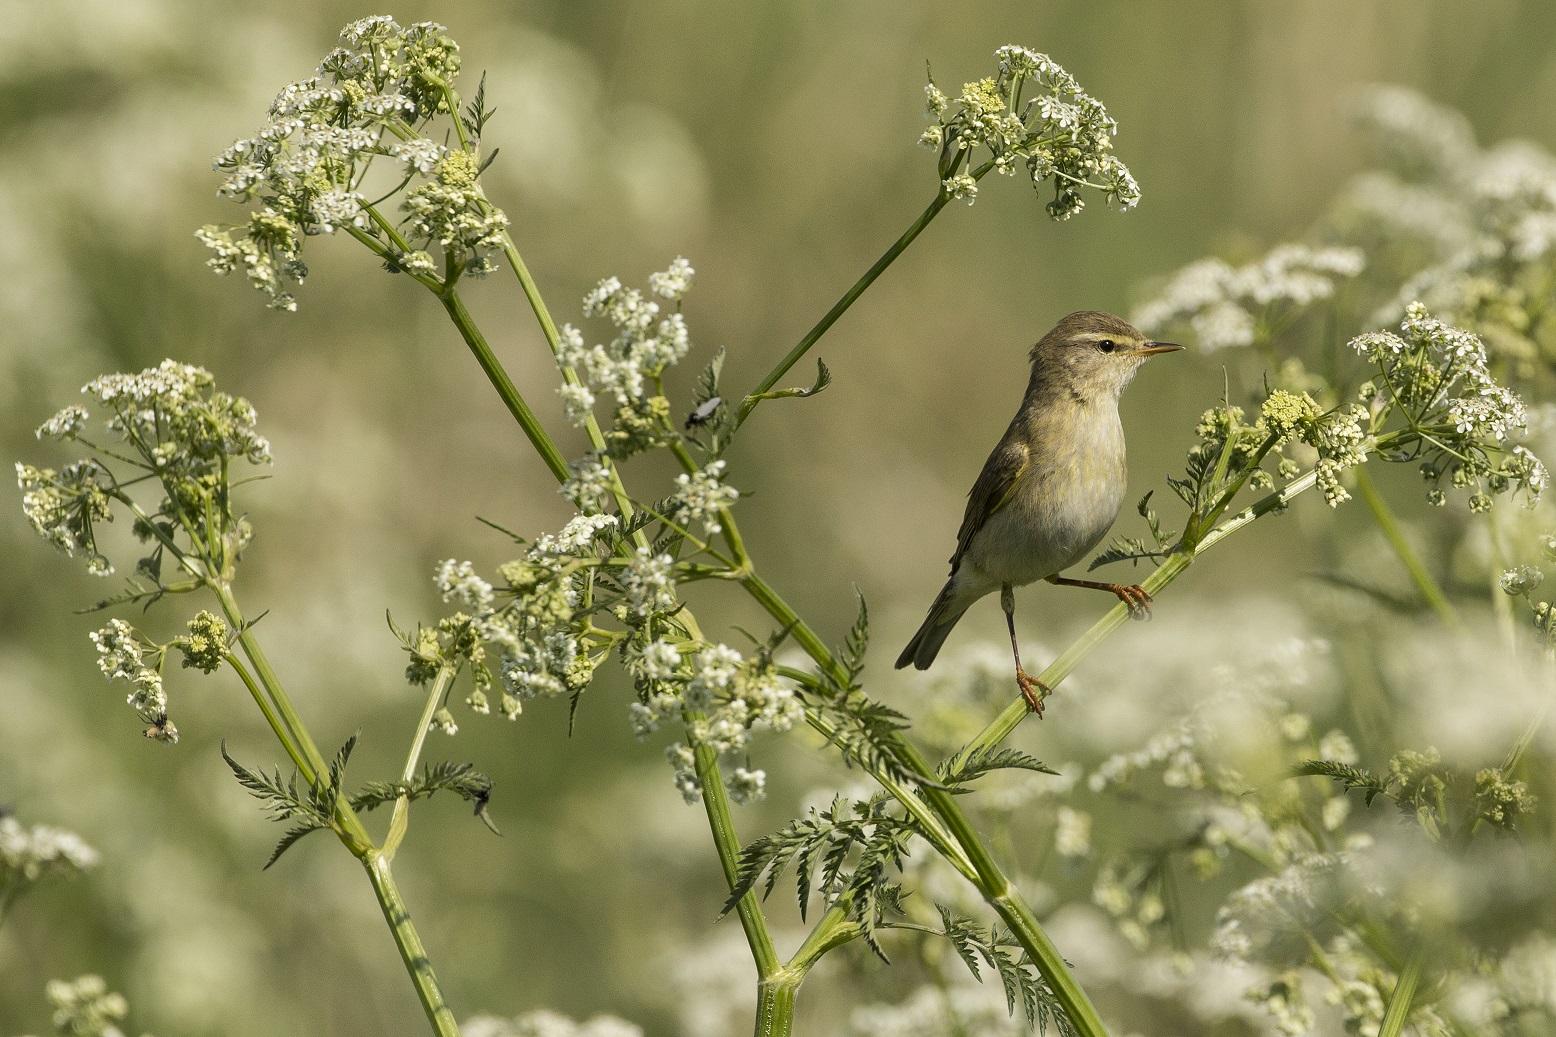 Fitis, Kwade Hoek voorjaarswandeling